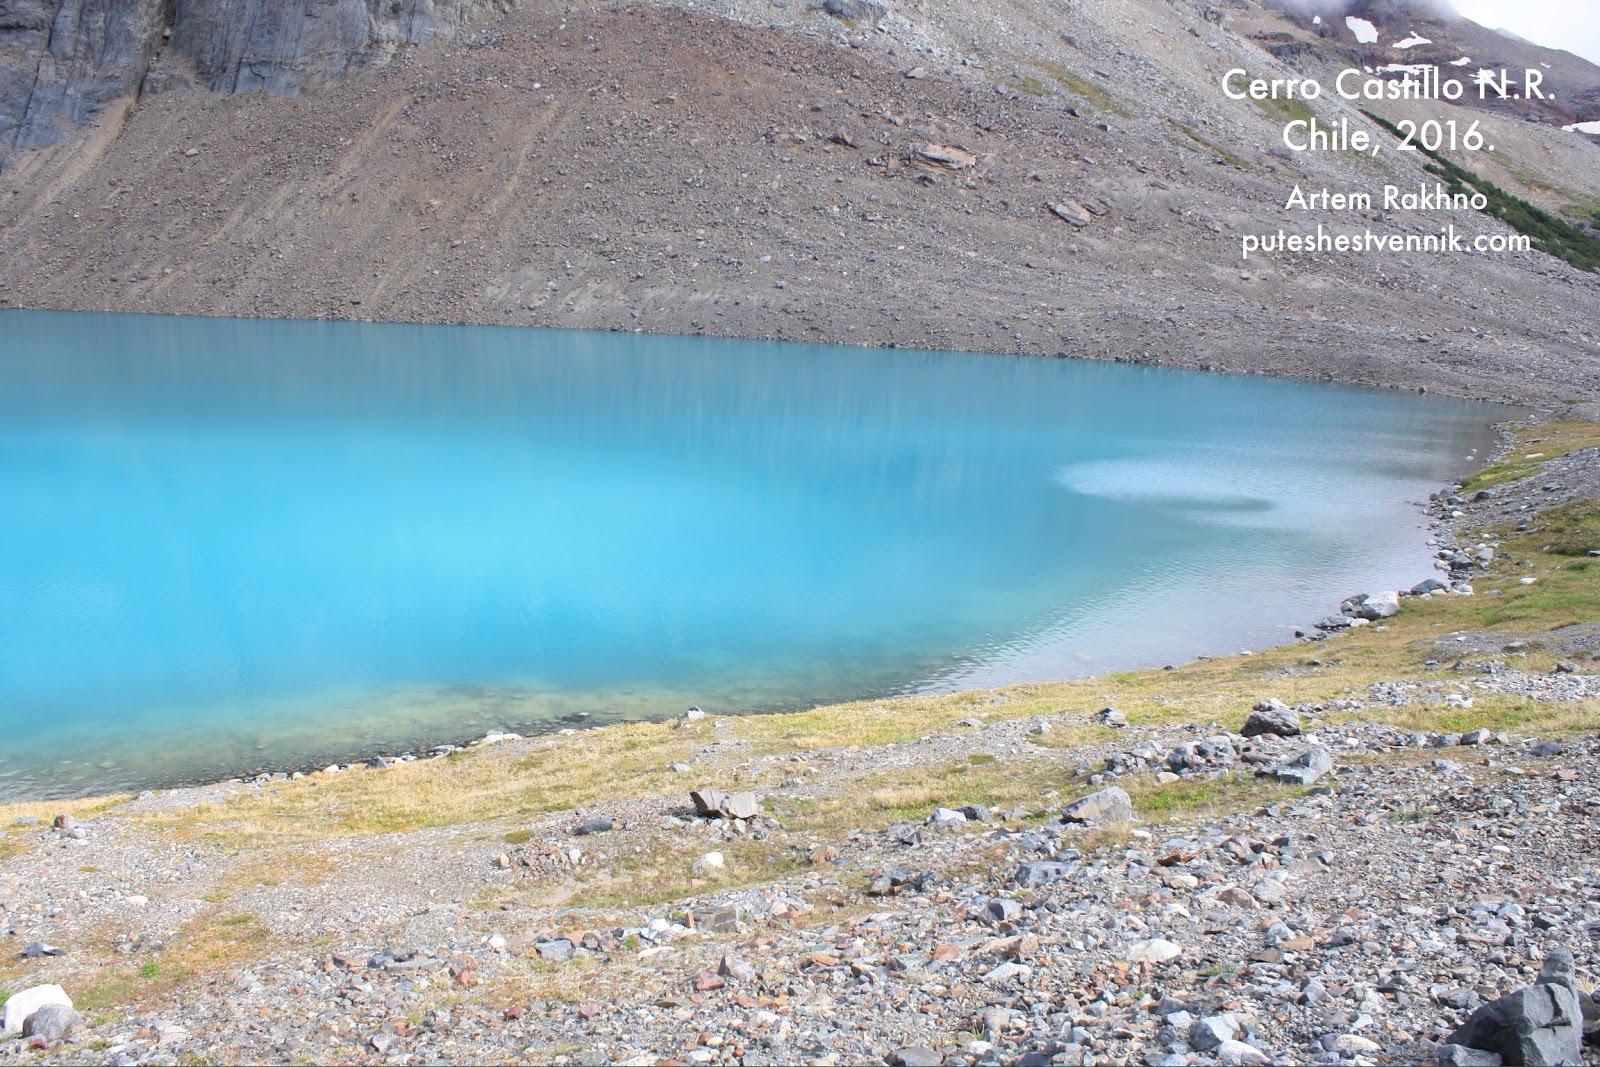 Лагуна Серро-Кастильо с бирюзовой водой